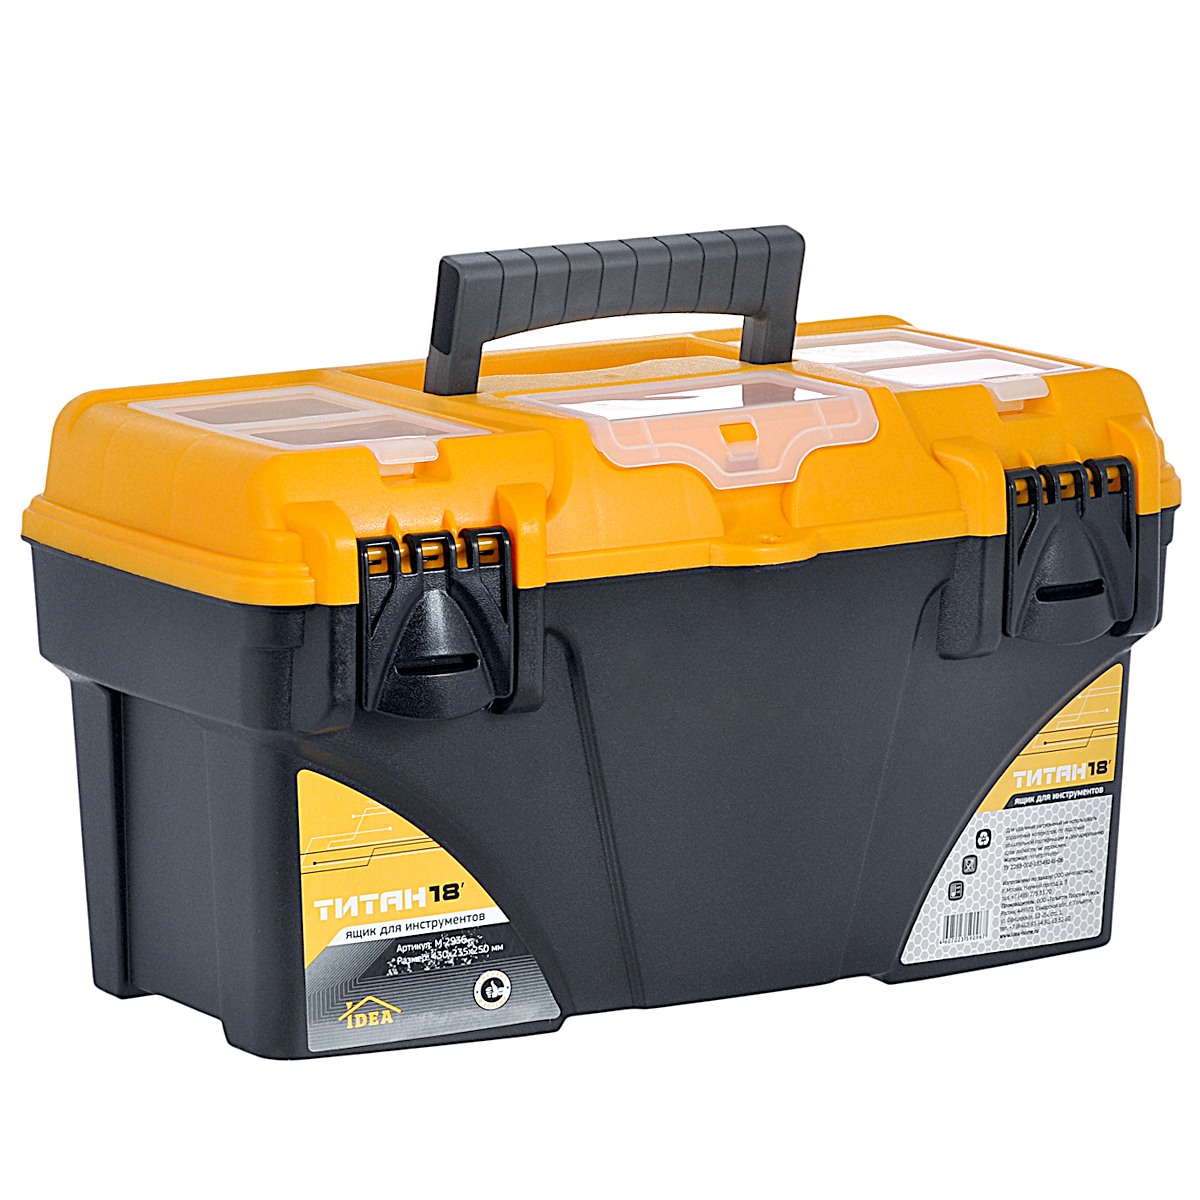 Ящик для инструментов Idea Титан 18, с органайзером, 43 х 23,5 х 25 смМ 2936Ящик Idea Титан 18 изготовлен из прочного пластика и предназначен для хранения и переноски инструментов. Вместительный, внутри имеет большое главное отделение.Крышка ящика оснащена тремя прозрачными отделениями, которые закрываются на защелку. Ящик закрывается при помощи крепких защелок, которые не допускают случайного открывания. Для более комфортного переноса в руках, на крышке ящика предусмотрена удобная ручка.